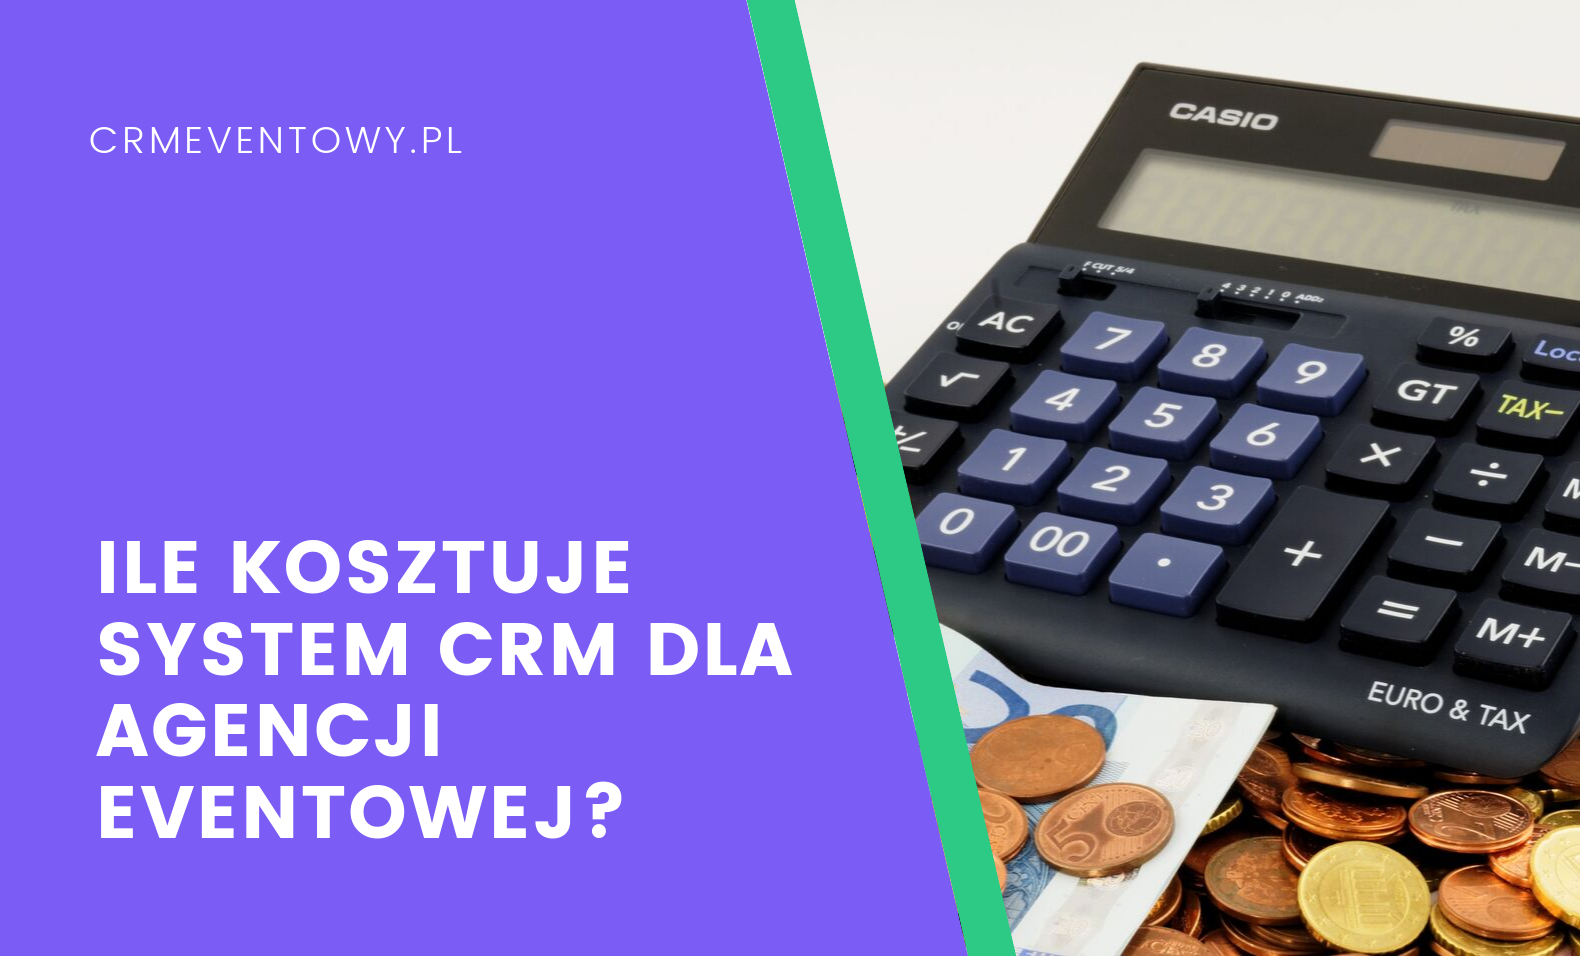 Ile kosztuje system CRM dla agencji eventowej?